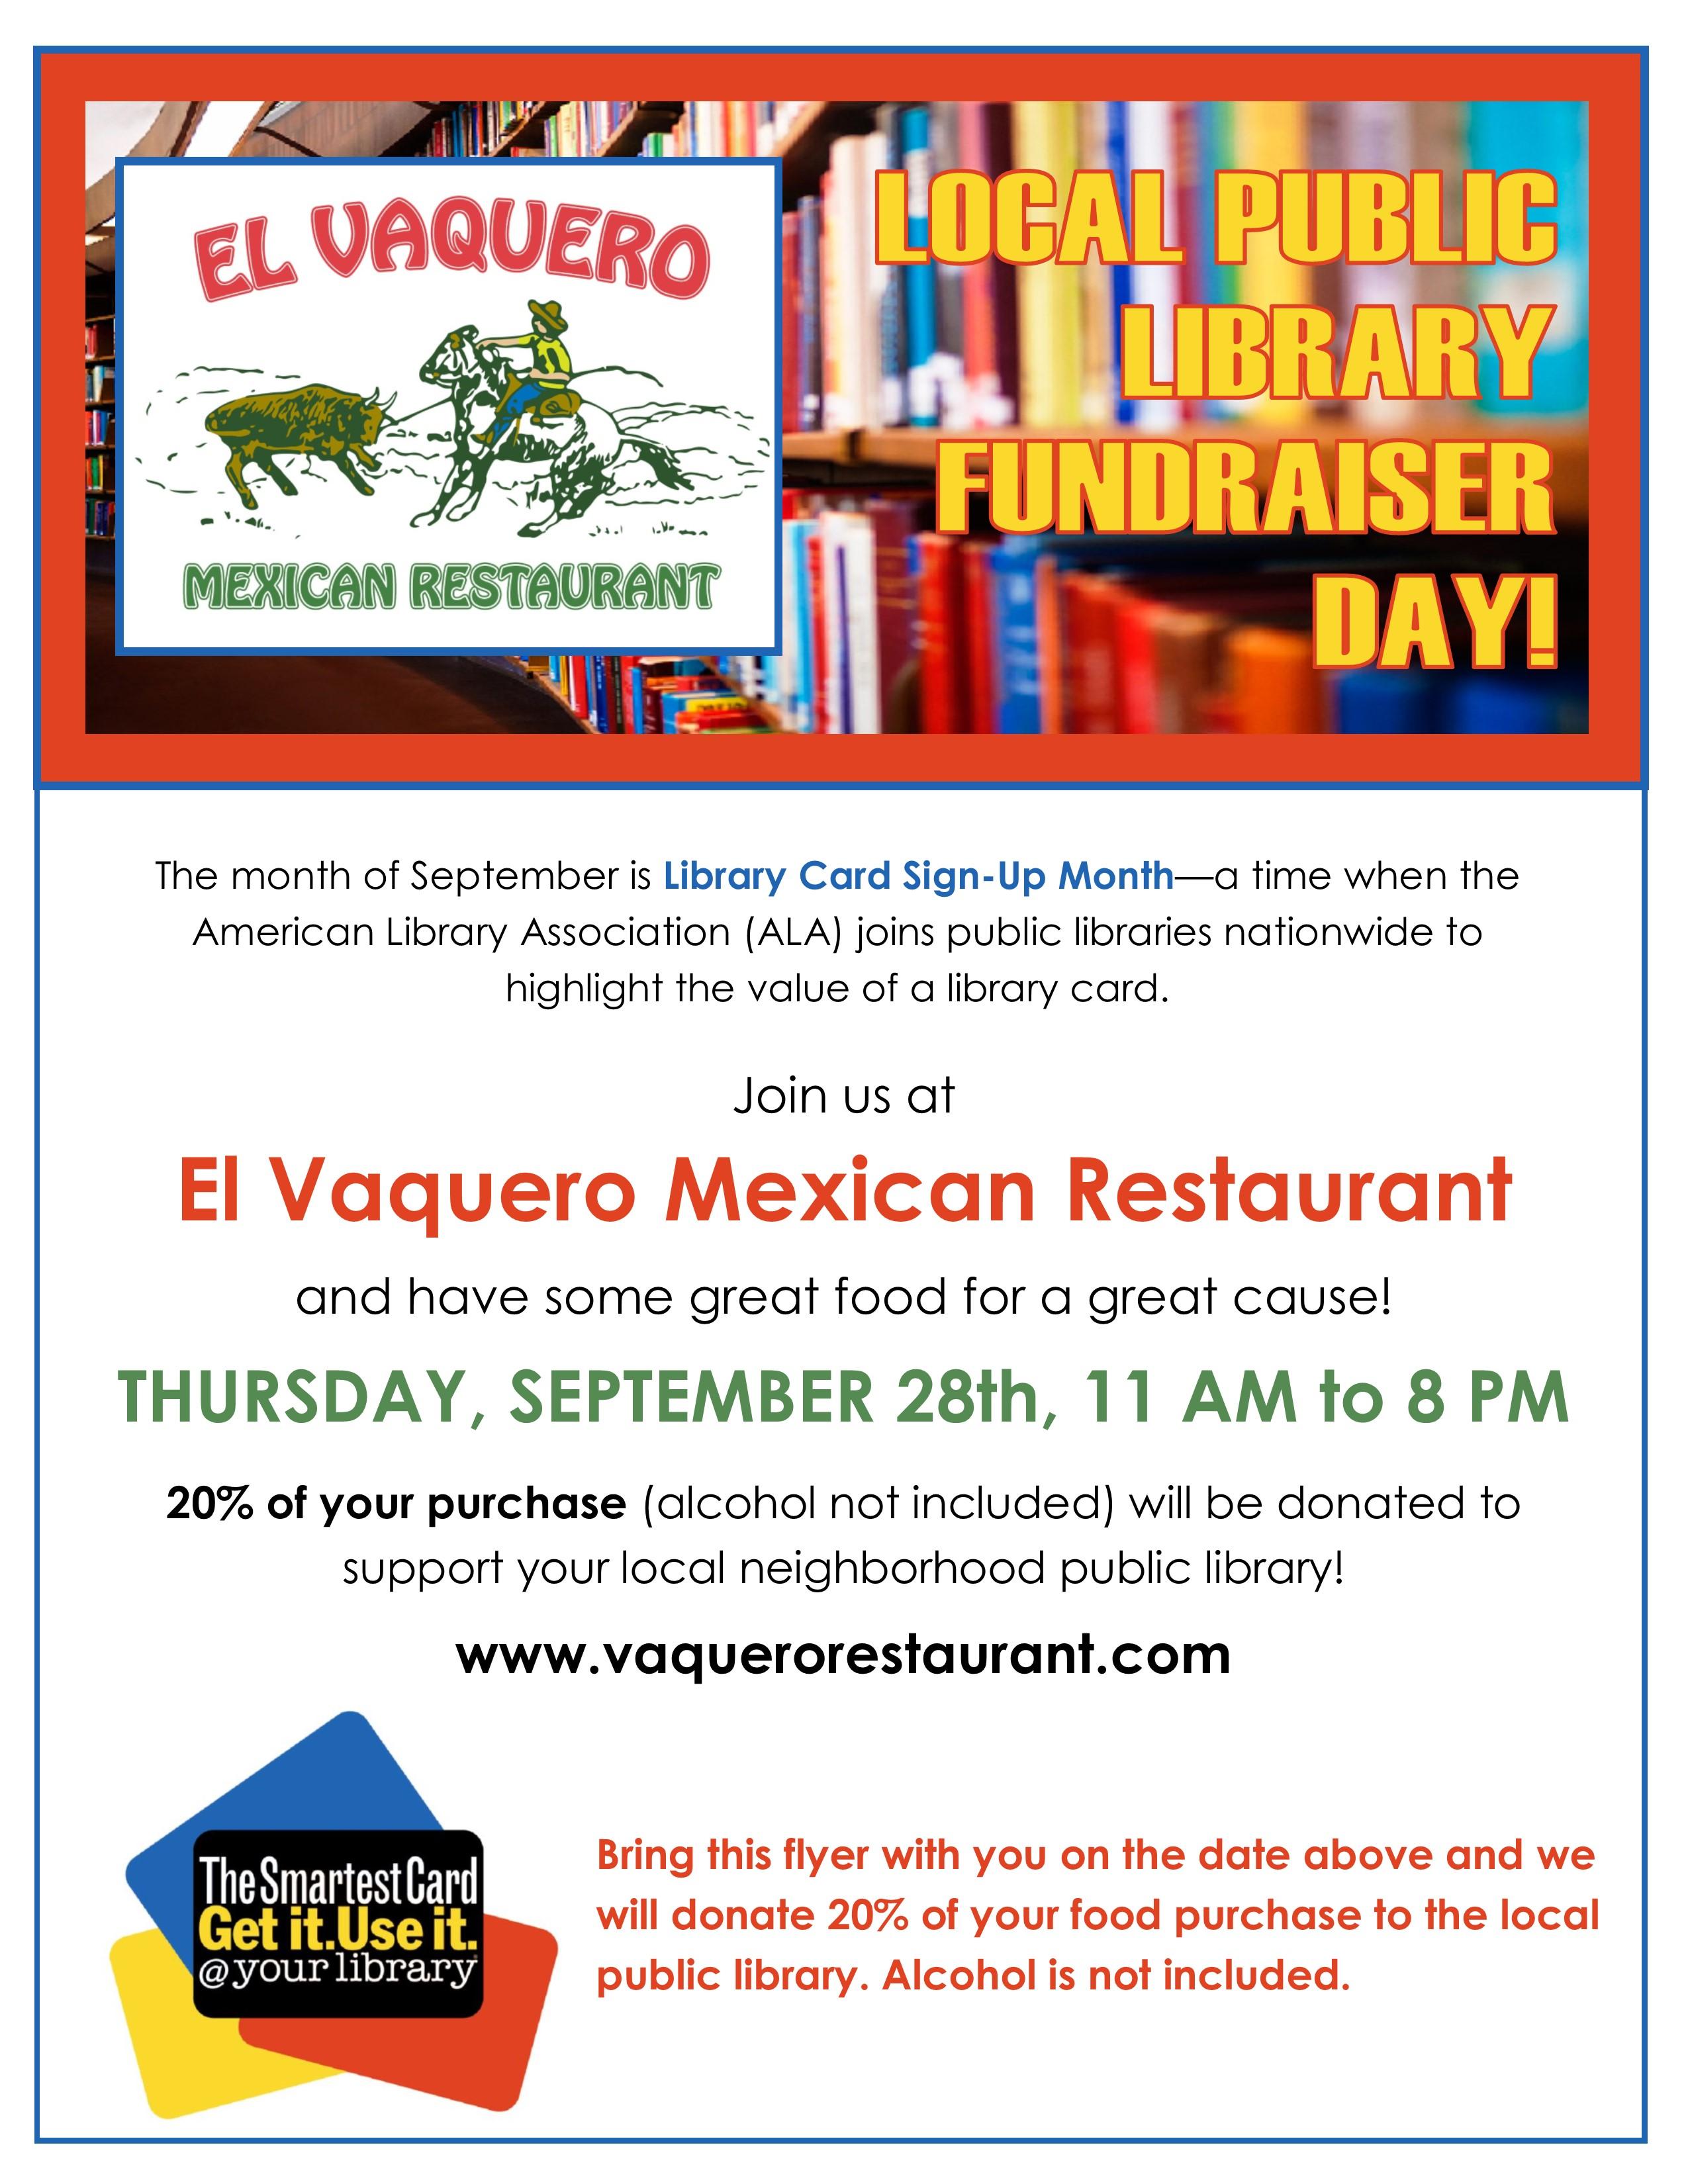 El Vaquero Best Mexican Restaurant